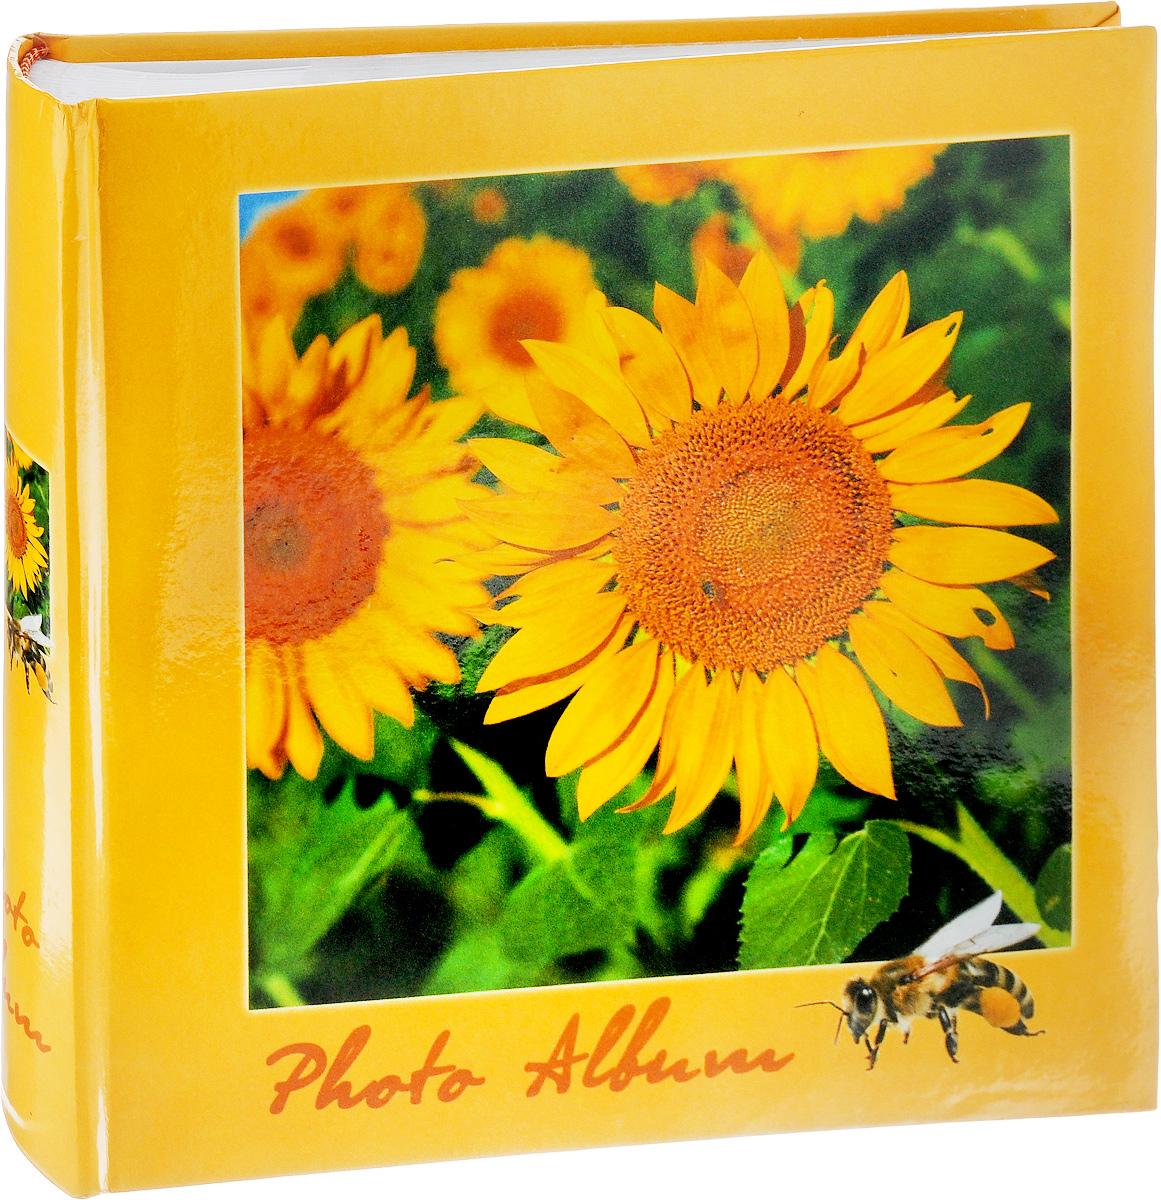 Фотоальбом Pioneer 4 Seasons, 200 фотографий, цвет: желтый, зеленый, 10 x 15 см46197 B46200Фотоальбом Pioneer 4 Seasons позволит вам запечатлеть незабываемые моменты вашей жизни, сохранить свои истории и воспоминания на его страницах. Обложка из толстого картона оформлена оригинальным принтом. Фотоальбом рассчитан на 200 фотографии форматом 10 x 15 см. На каждом развороте имеются поля для заполнения и два кармашка для фотографий. Такой необычный фотоальбом позволит легко заполнить страницы вашей истории, и с годами ничего не забудется. Тип обложки: Ламинированный картон. Тип листов: бумажные. Тип переплета: книжный. Кол-во фотографий: 200. Материалы, использованные в изготовлении альбома, обеспечивают высокое качество хранения ваших фотографий, поэтому фотографии не желтеют со временем.